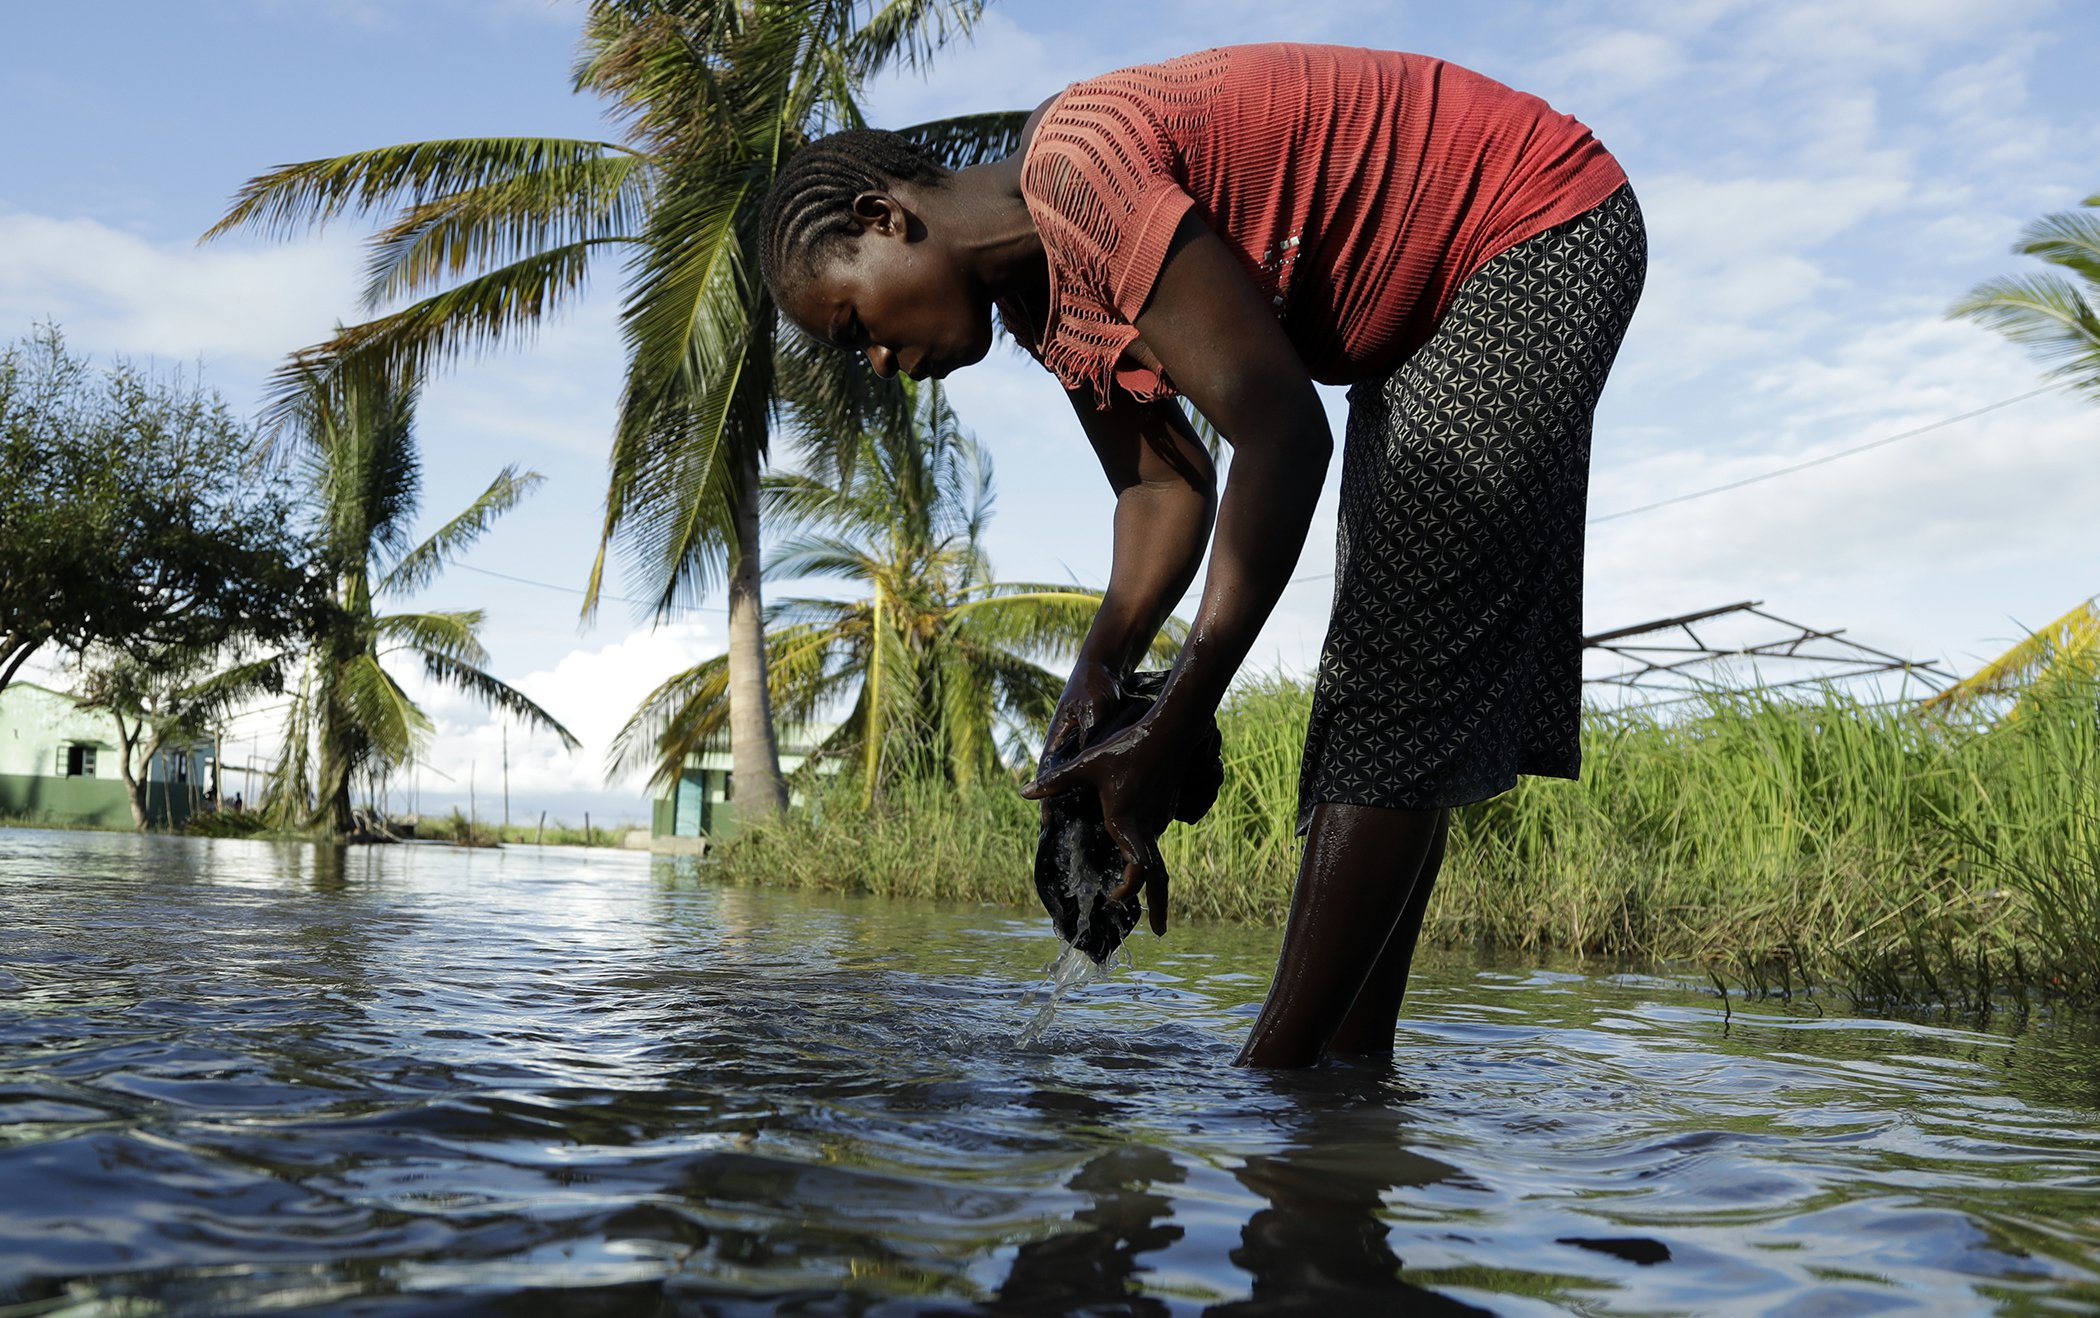 Cyclone-Mozambique-Zimbabwe-Flooding.jpg